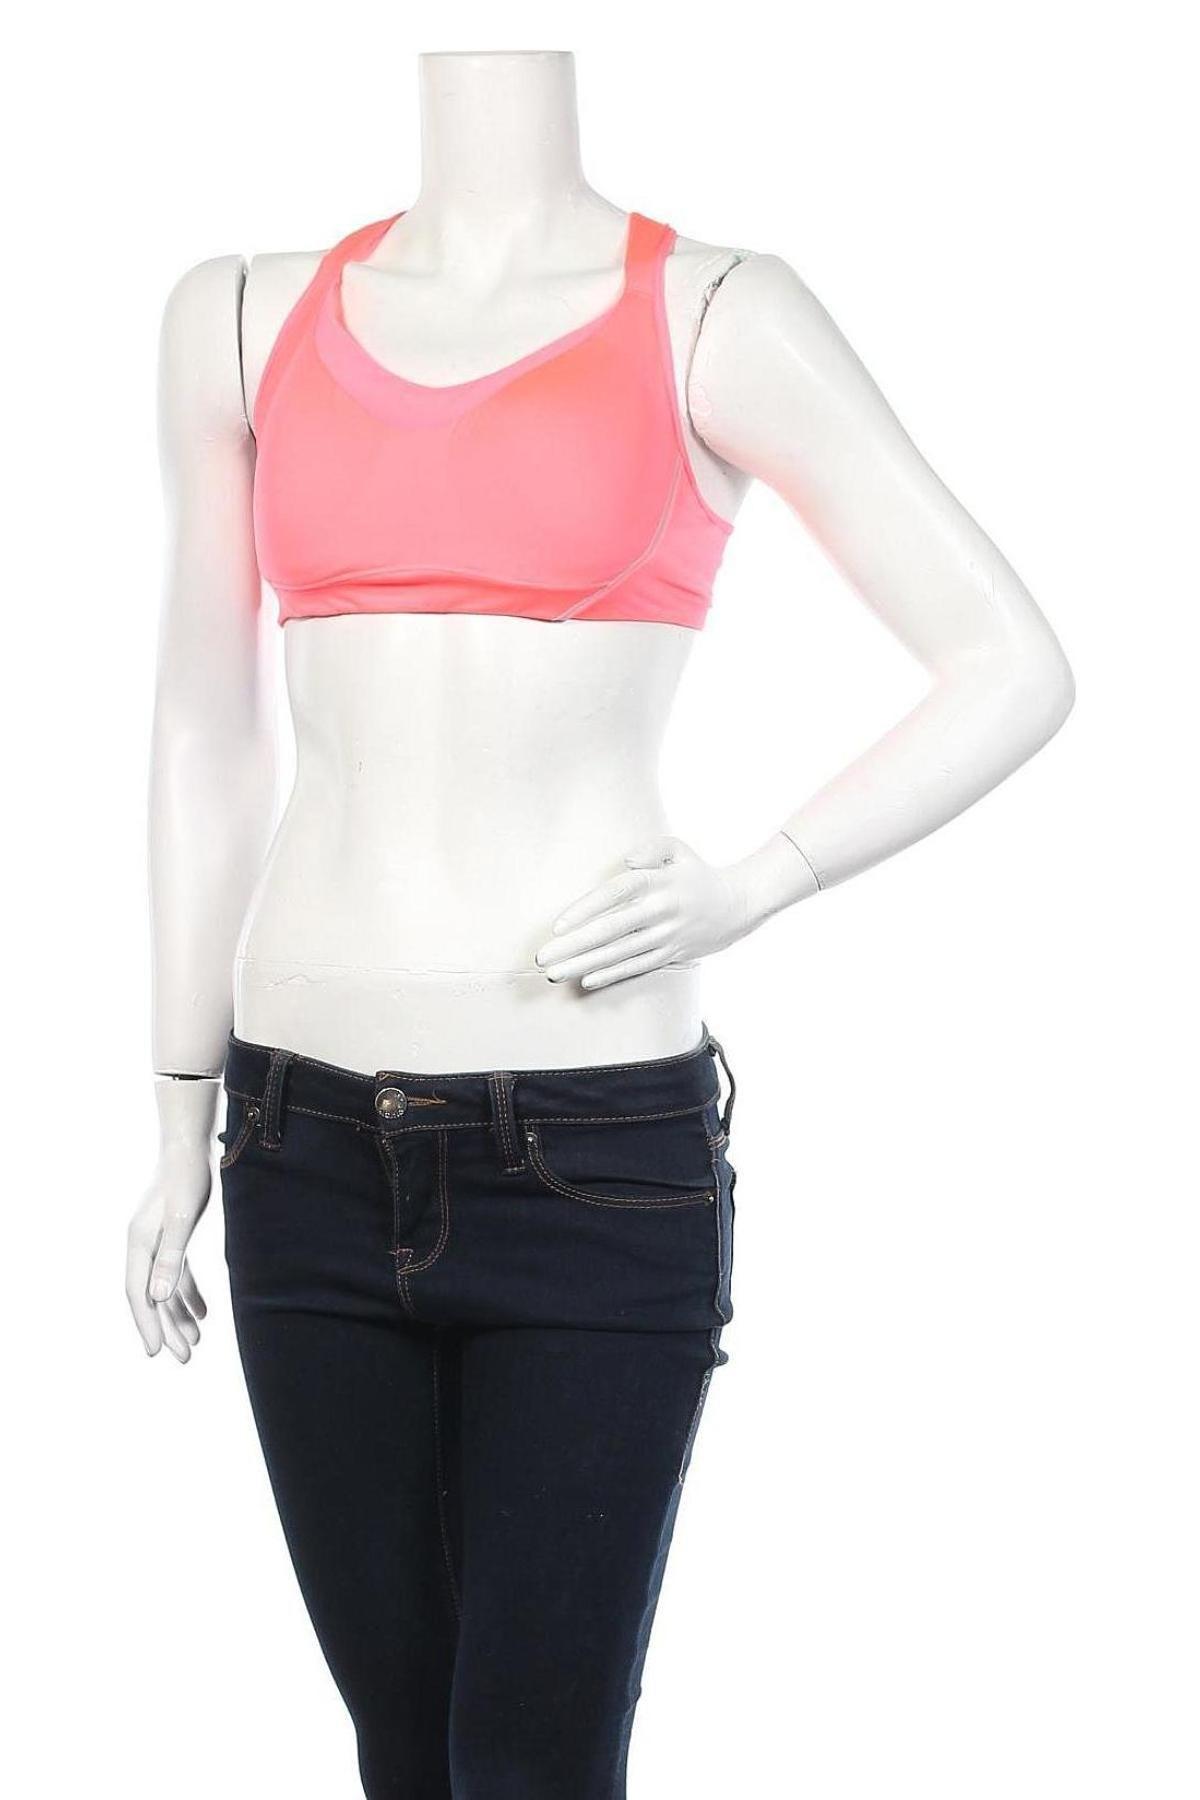 Дамски спортен топ Oysho, Размер L, Цвят Розов, 79% полиамид, 21% еластан, Цена 27,00лв.